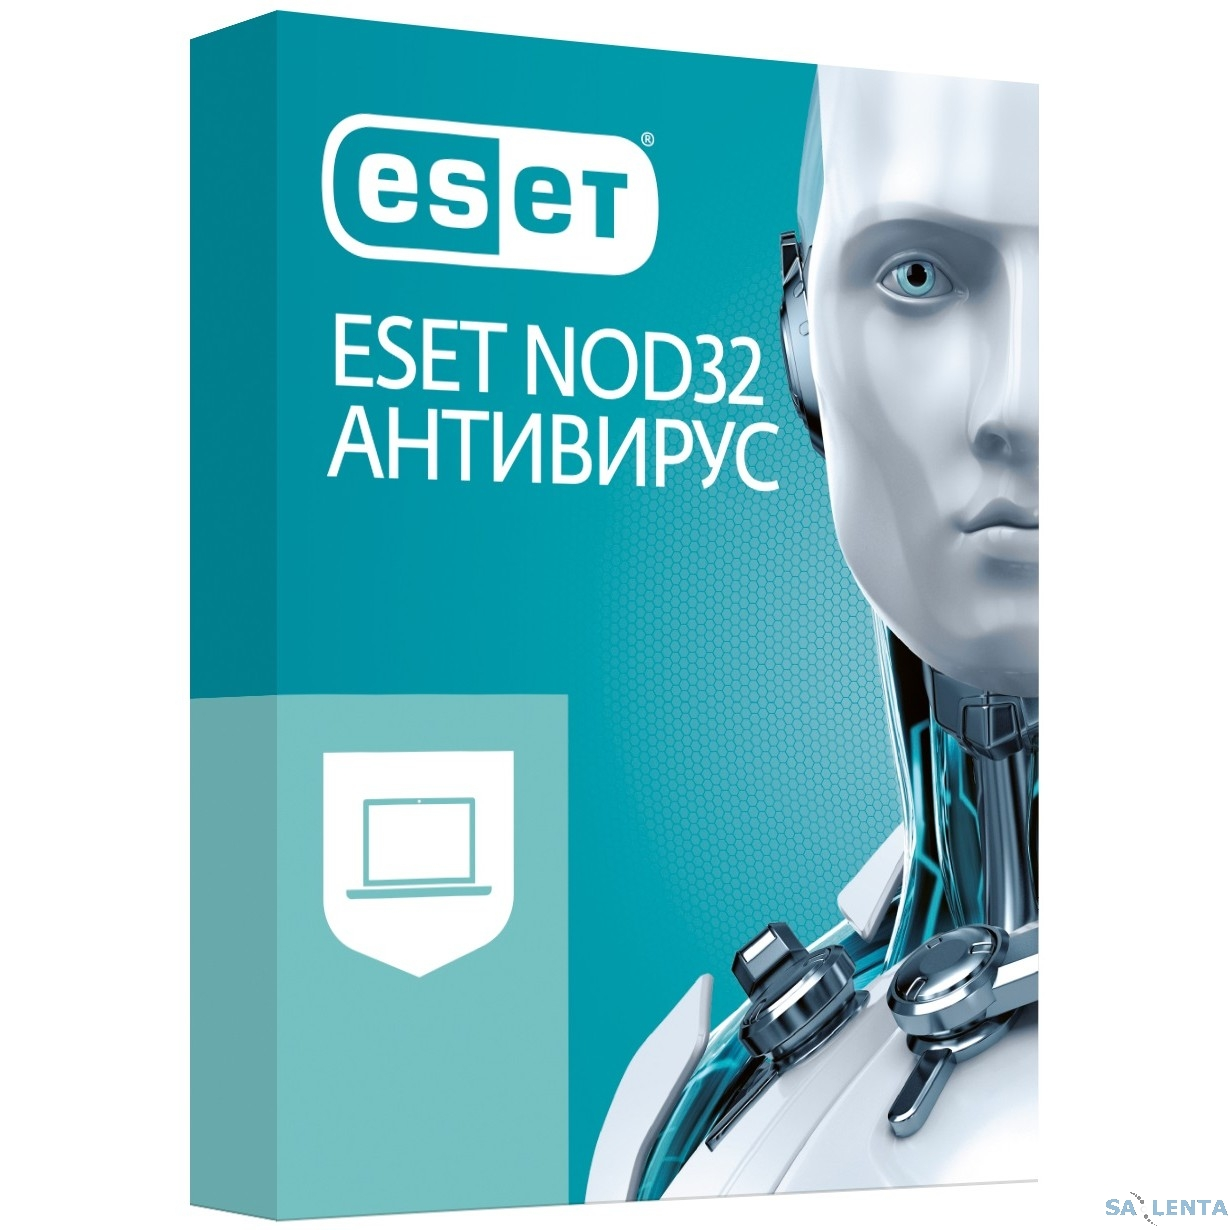 NOD32-ENA-1220(CARD3)-1-1 ESET NOD32 Антивирус + Bonus + расширен фун — унив лиц на 1 год на 3ПК или прод на 20 мес, CARD {аналог/замена 1409261}